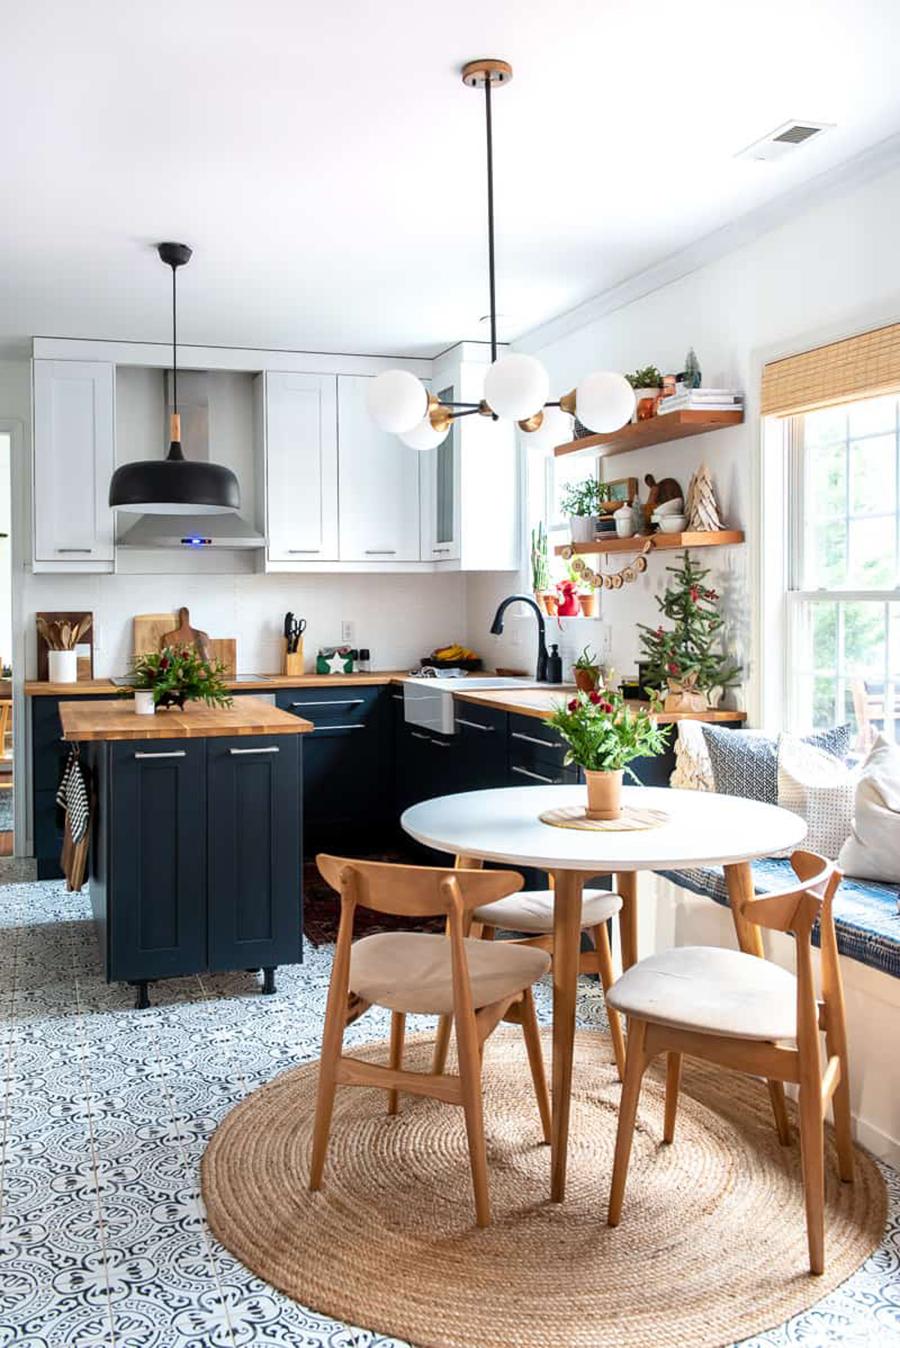 Las cocinas abiertas son muy cómodas para llevar y traer cosas de la mesa a la cocina.